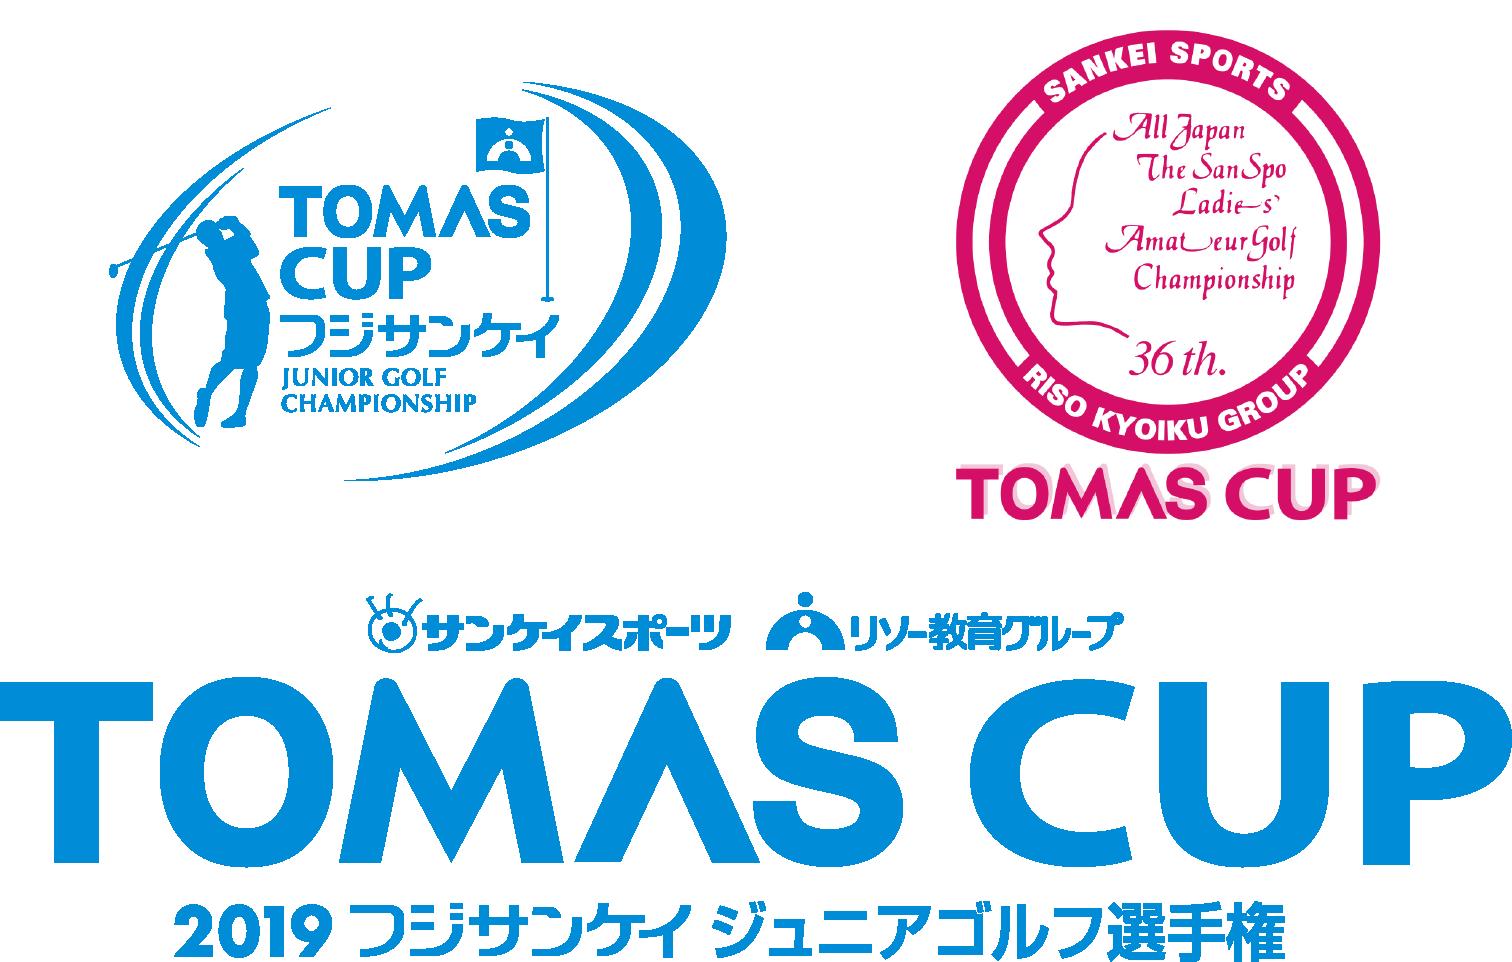 TOMAS CUP ジュニアゴルフ